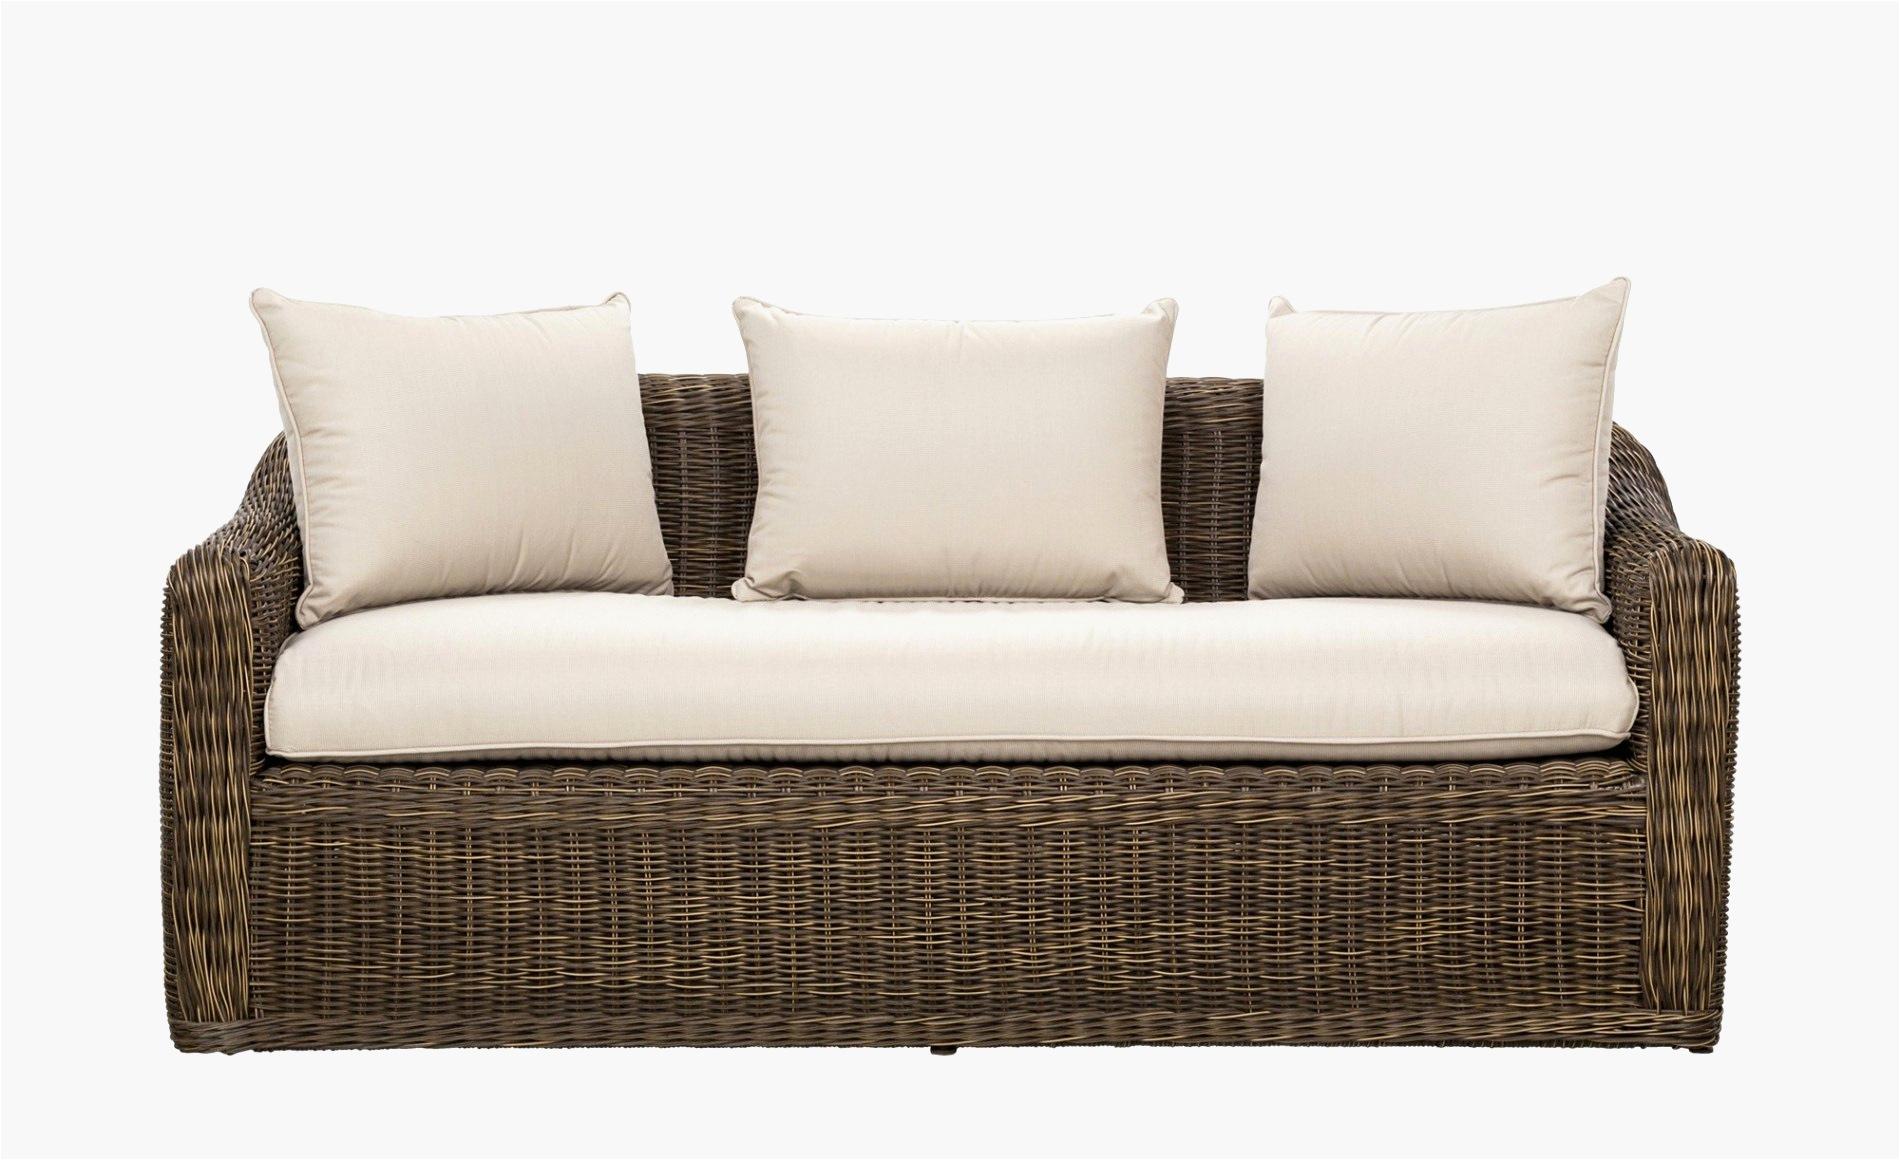 discount furniture birmingham al unique 50 luxury bamboo sofa table 50 s image of discount furniture